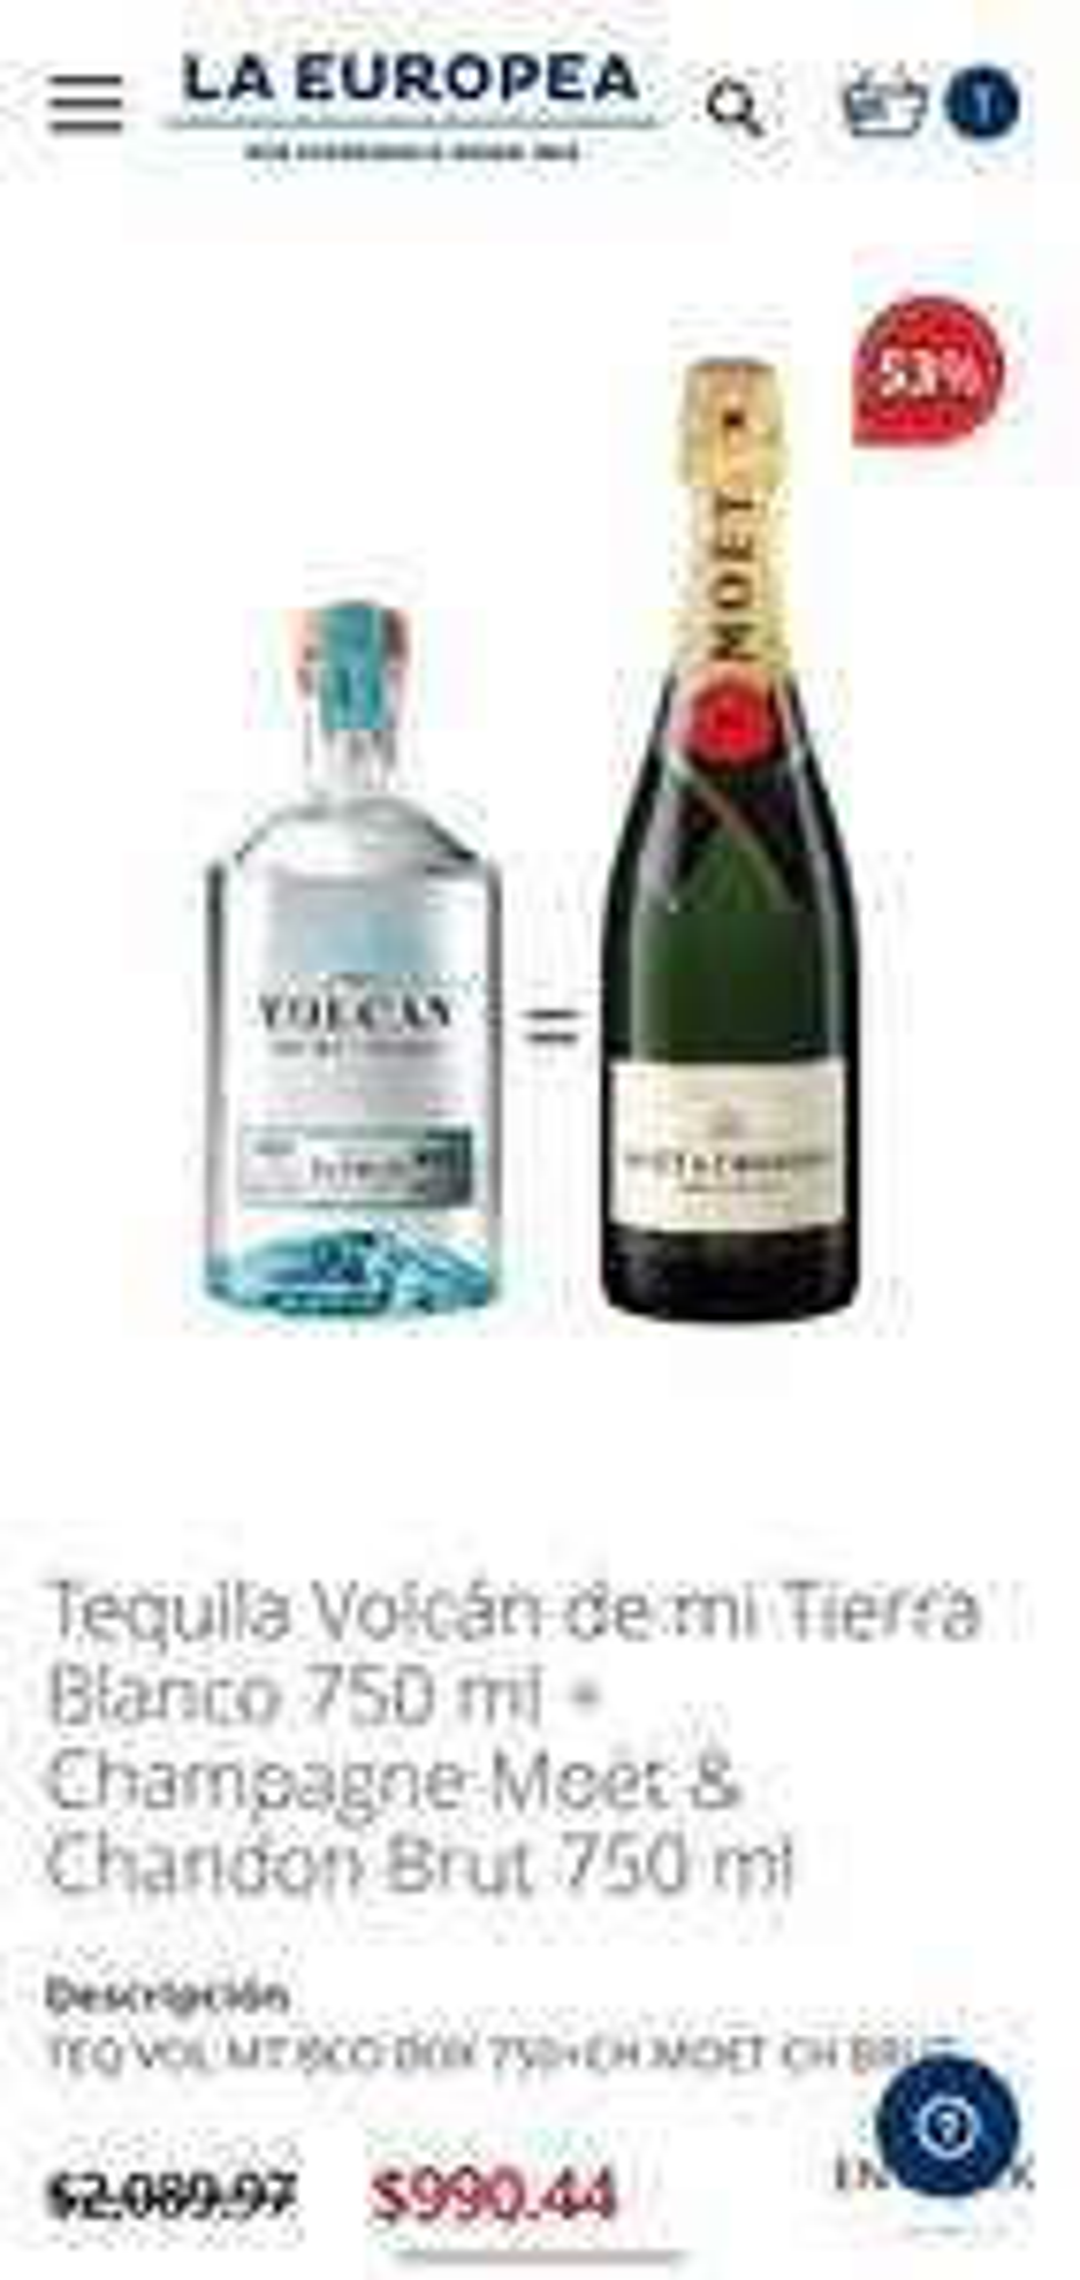 La Europea: Tequila Volcán de mi Tierra Blanco 750 ml + Champagne Moët & Chandon Brut 750 ml